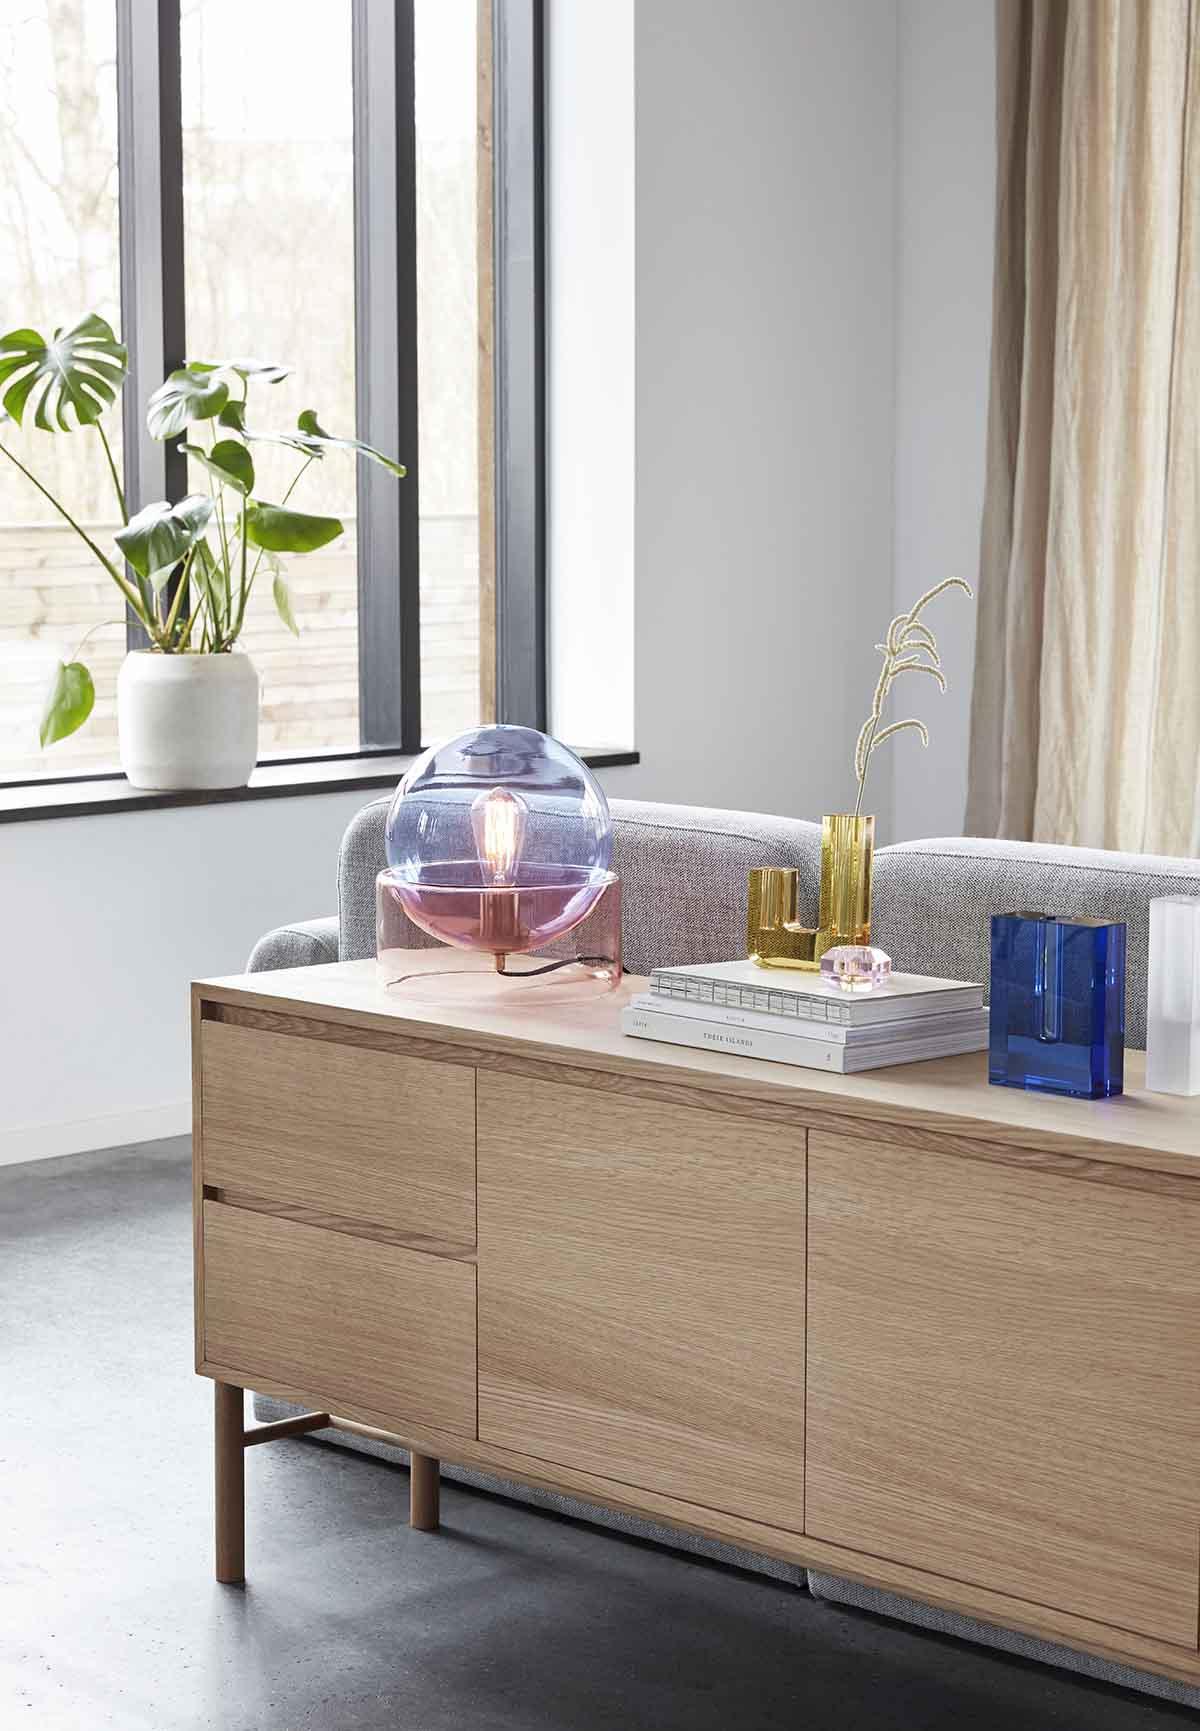 Hübsch bordlampe i glas i blå og rosa